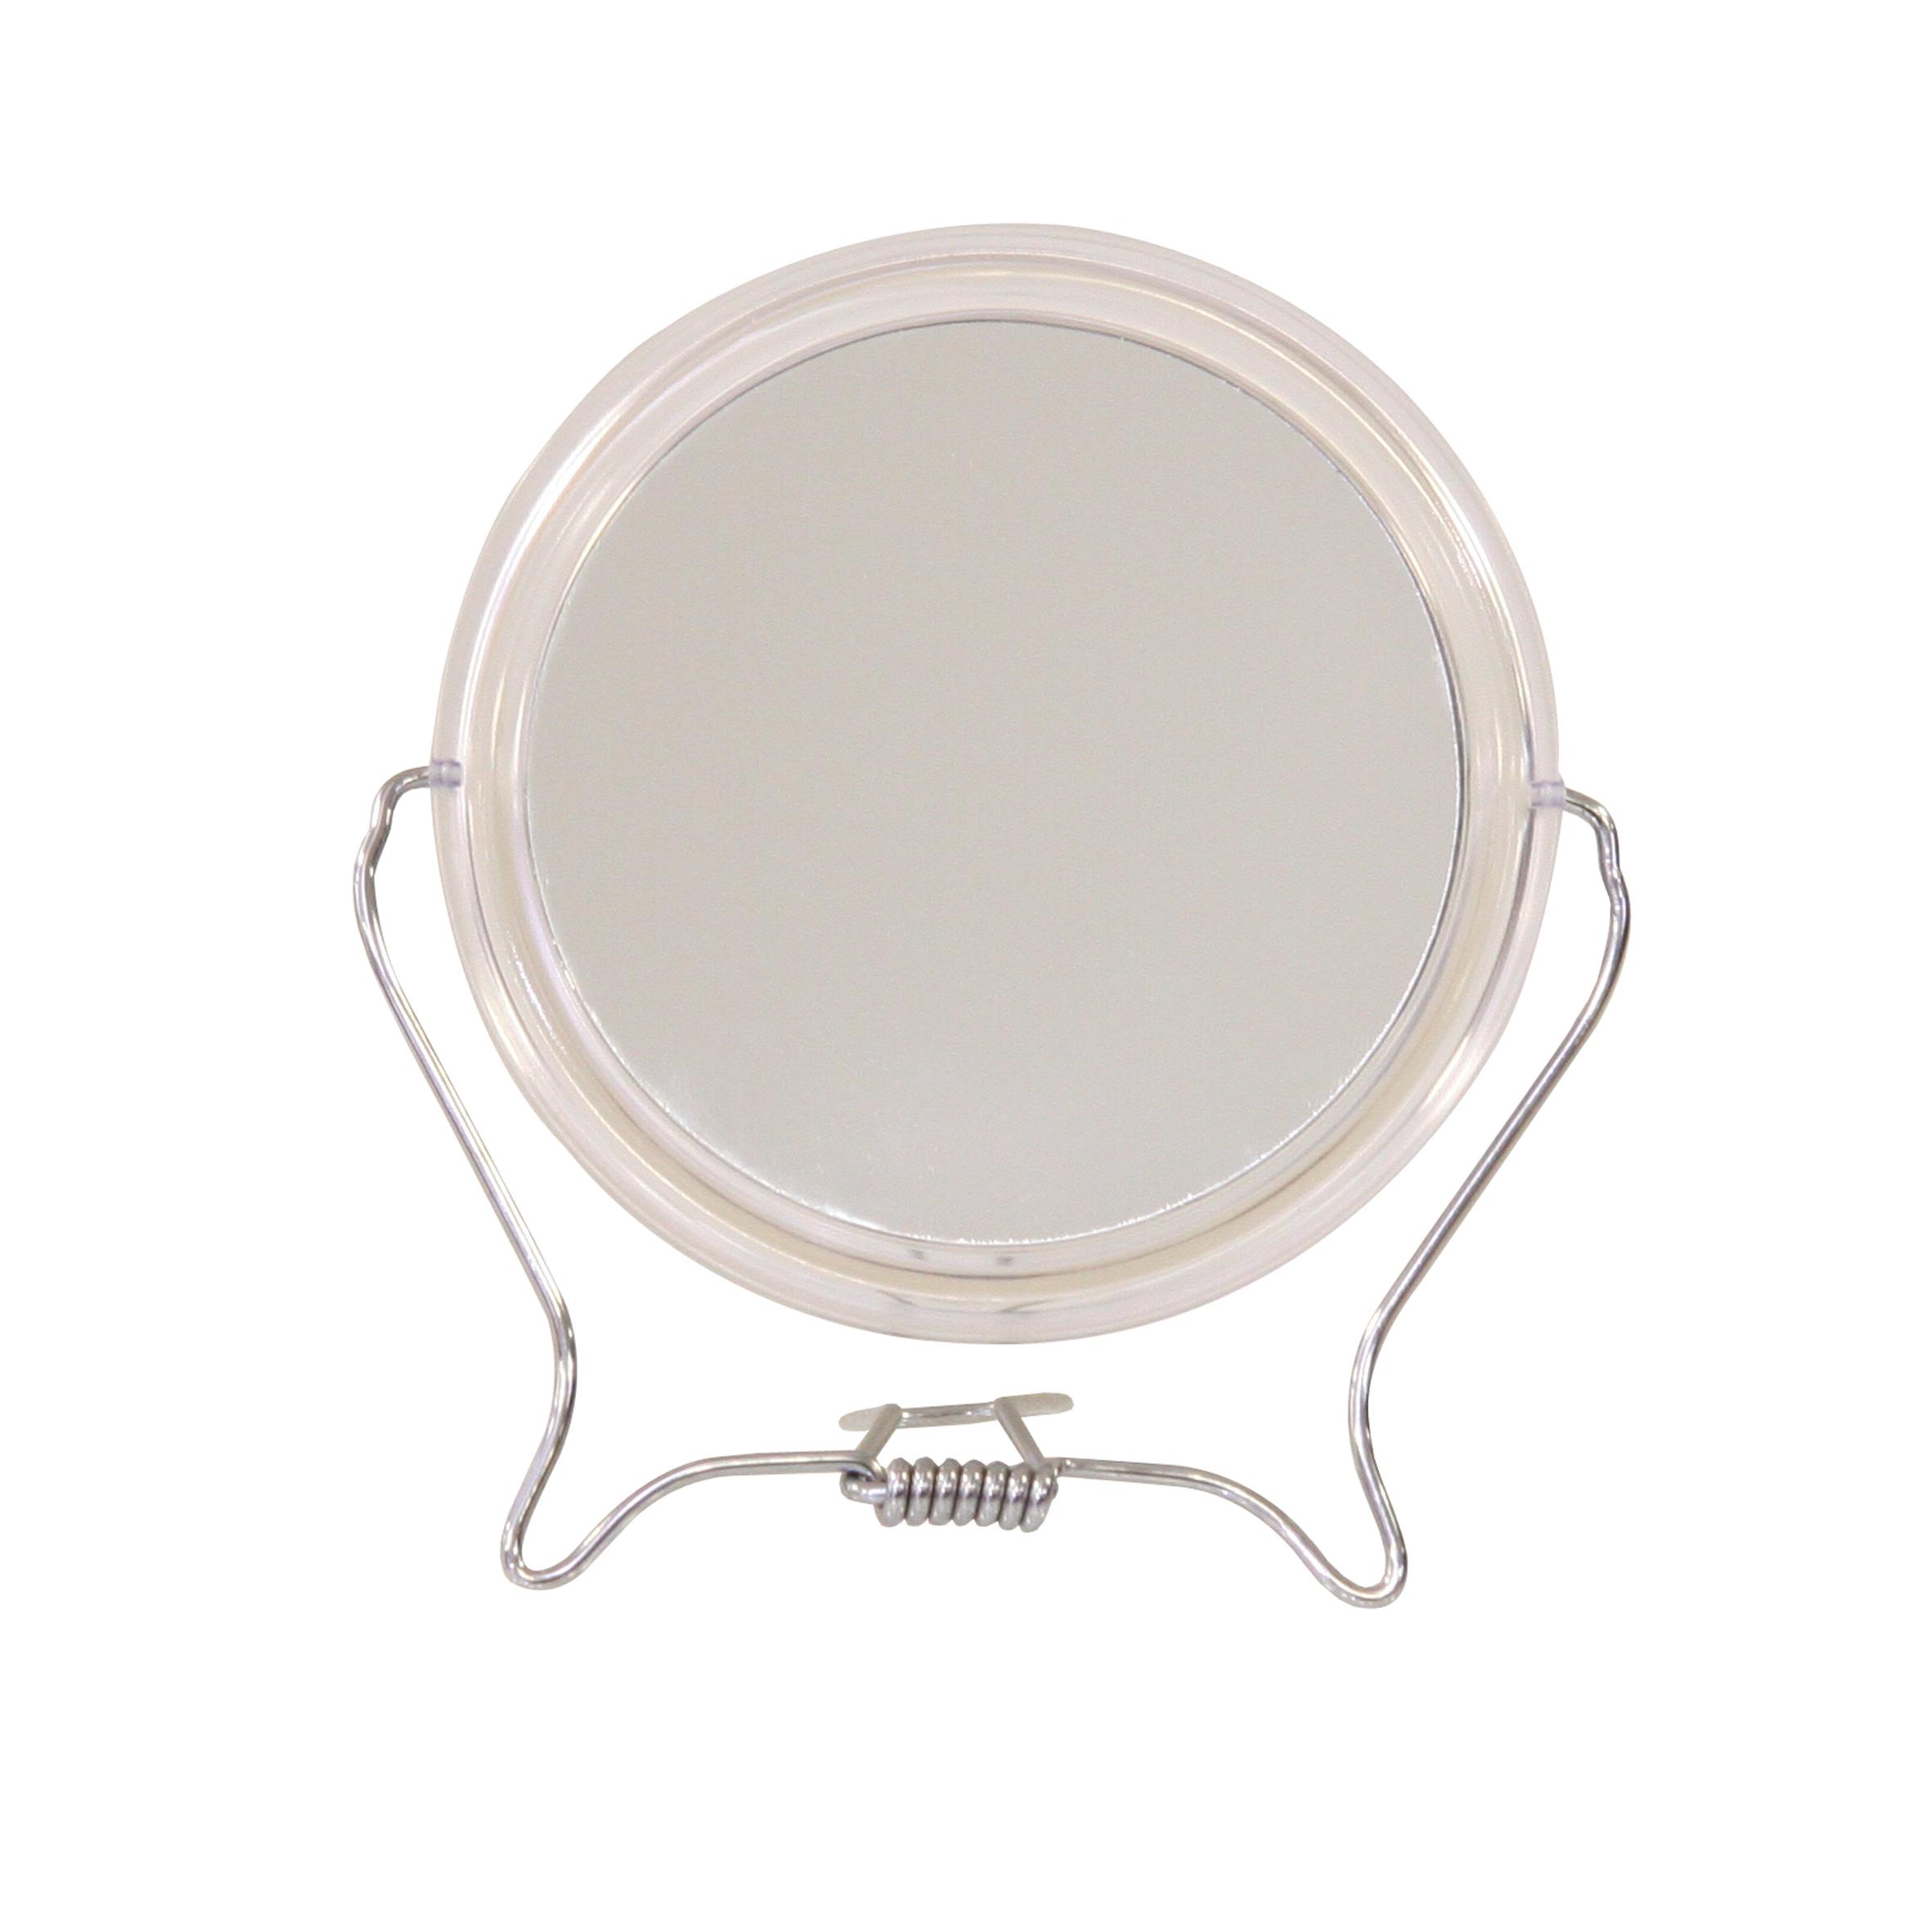 Зеркало косметическое Top Star, настольное, диаметр 12,5 см282806Настольное косметическое зеркало Top Star идеально подходит для нанесения макияжа и совершения различных косметических процедур. Обрамлено в пластиковый ободок, с подставкой из стальной проволоки покрытой хромом.Двухстороннее зеркало с трехкратным увеличением одной из зеркальных линз поможет разглядеть даже малейшие нюансы и устранить все недостатки кожи. Яркий и стильный дизайн делает зеркало отличным подарком родным и близким, оно будет прекрасно смотреться в любом интерьере.